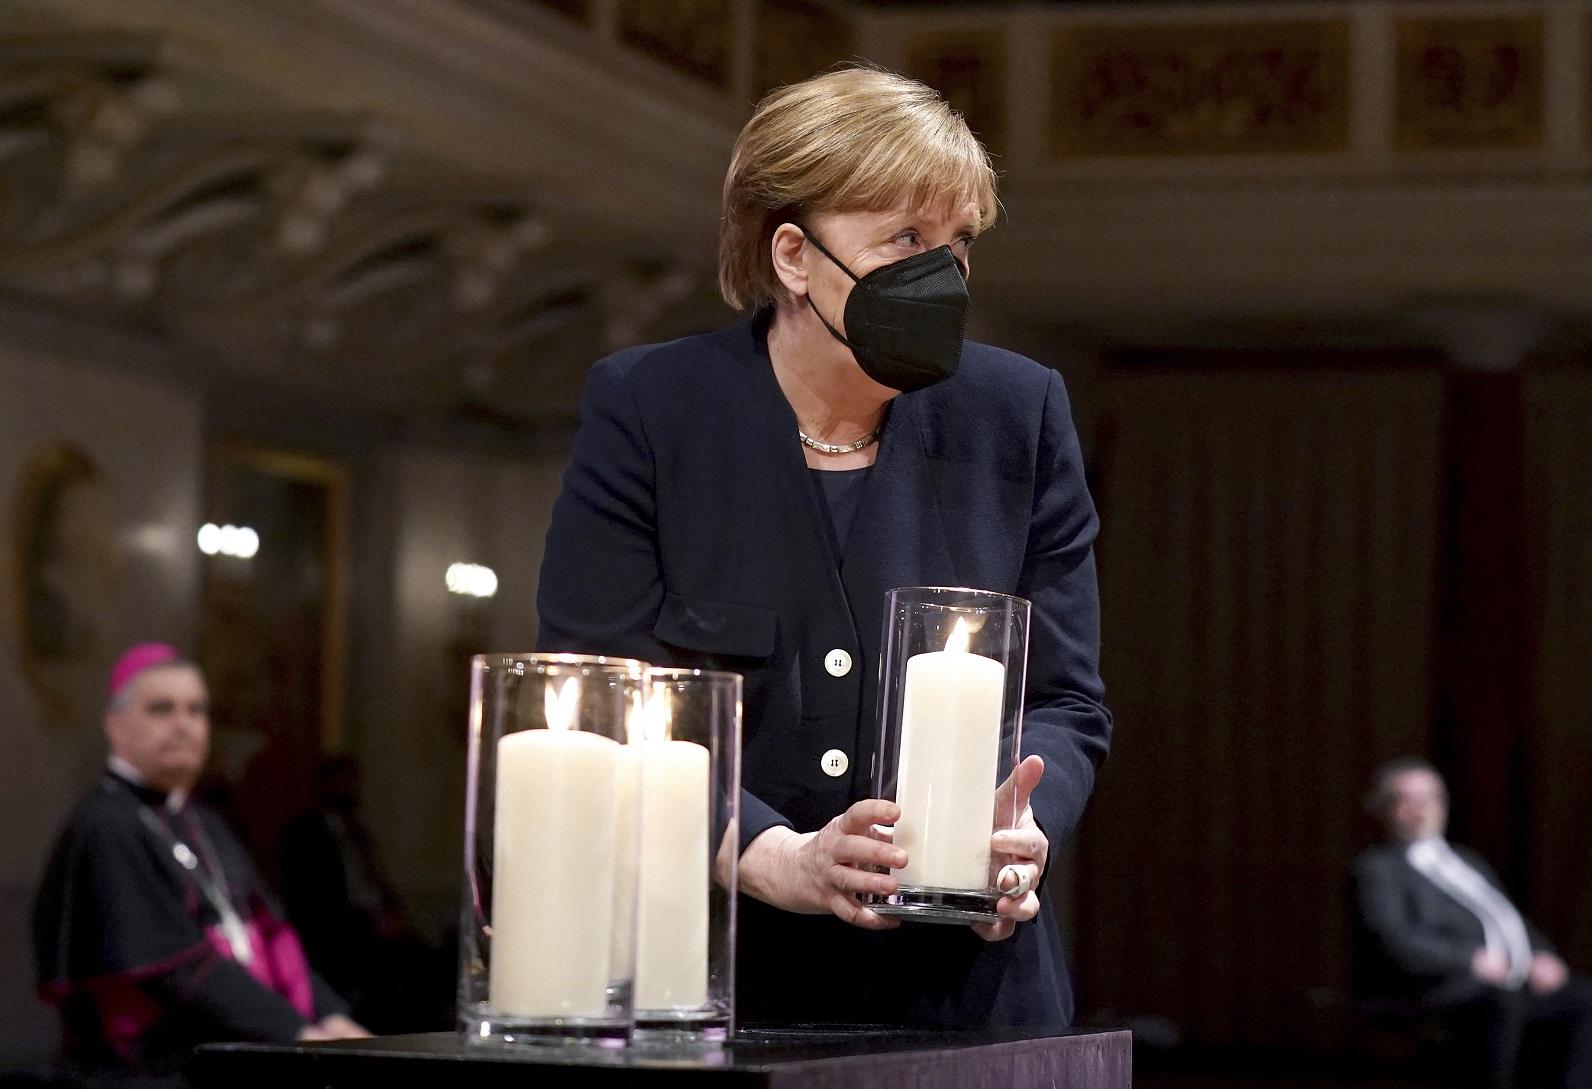 A chanceler alemã, Angela Merkel, segura uma vela durante uma cerimônia em homenagem às vítimas da pandemia. Foto Michael Sohn/Pool/AFP. Abril/2021